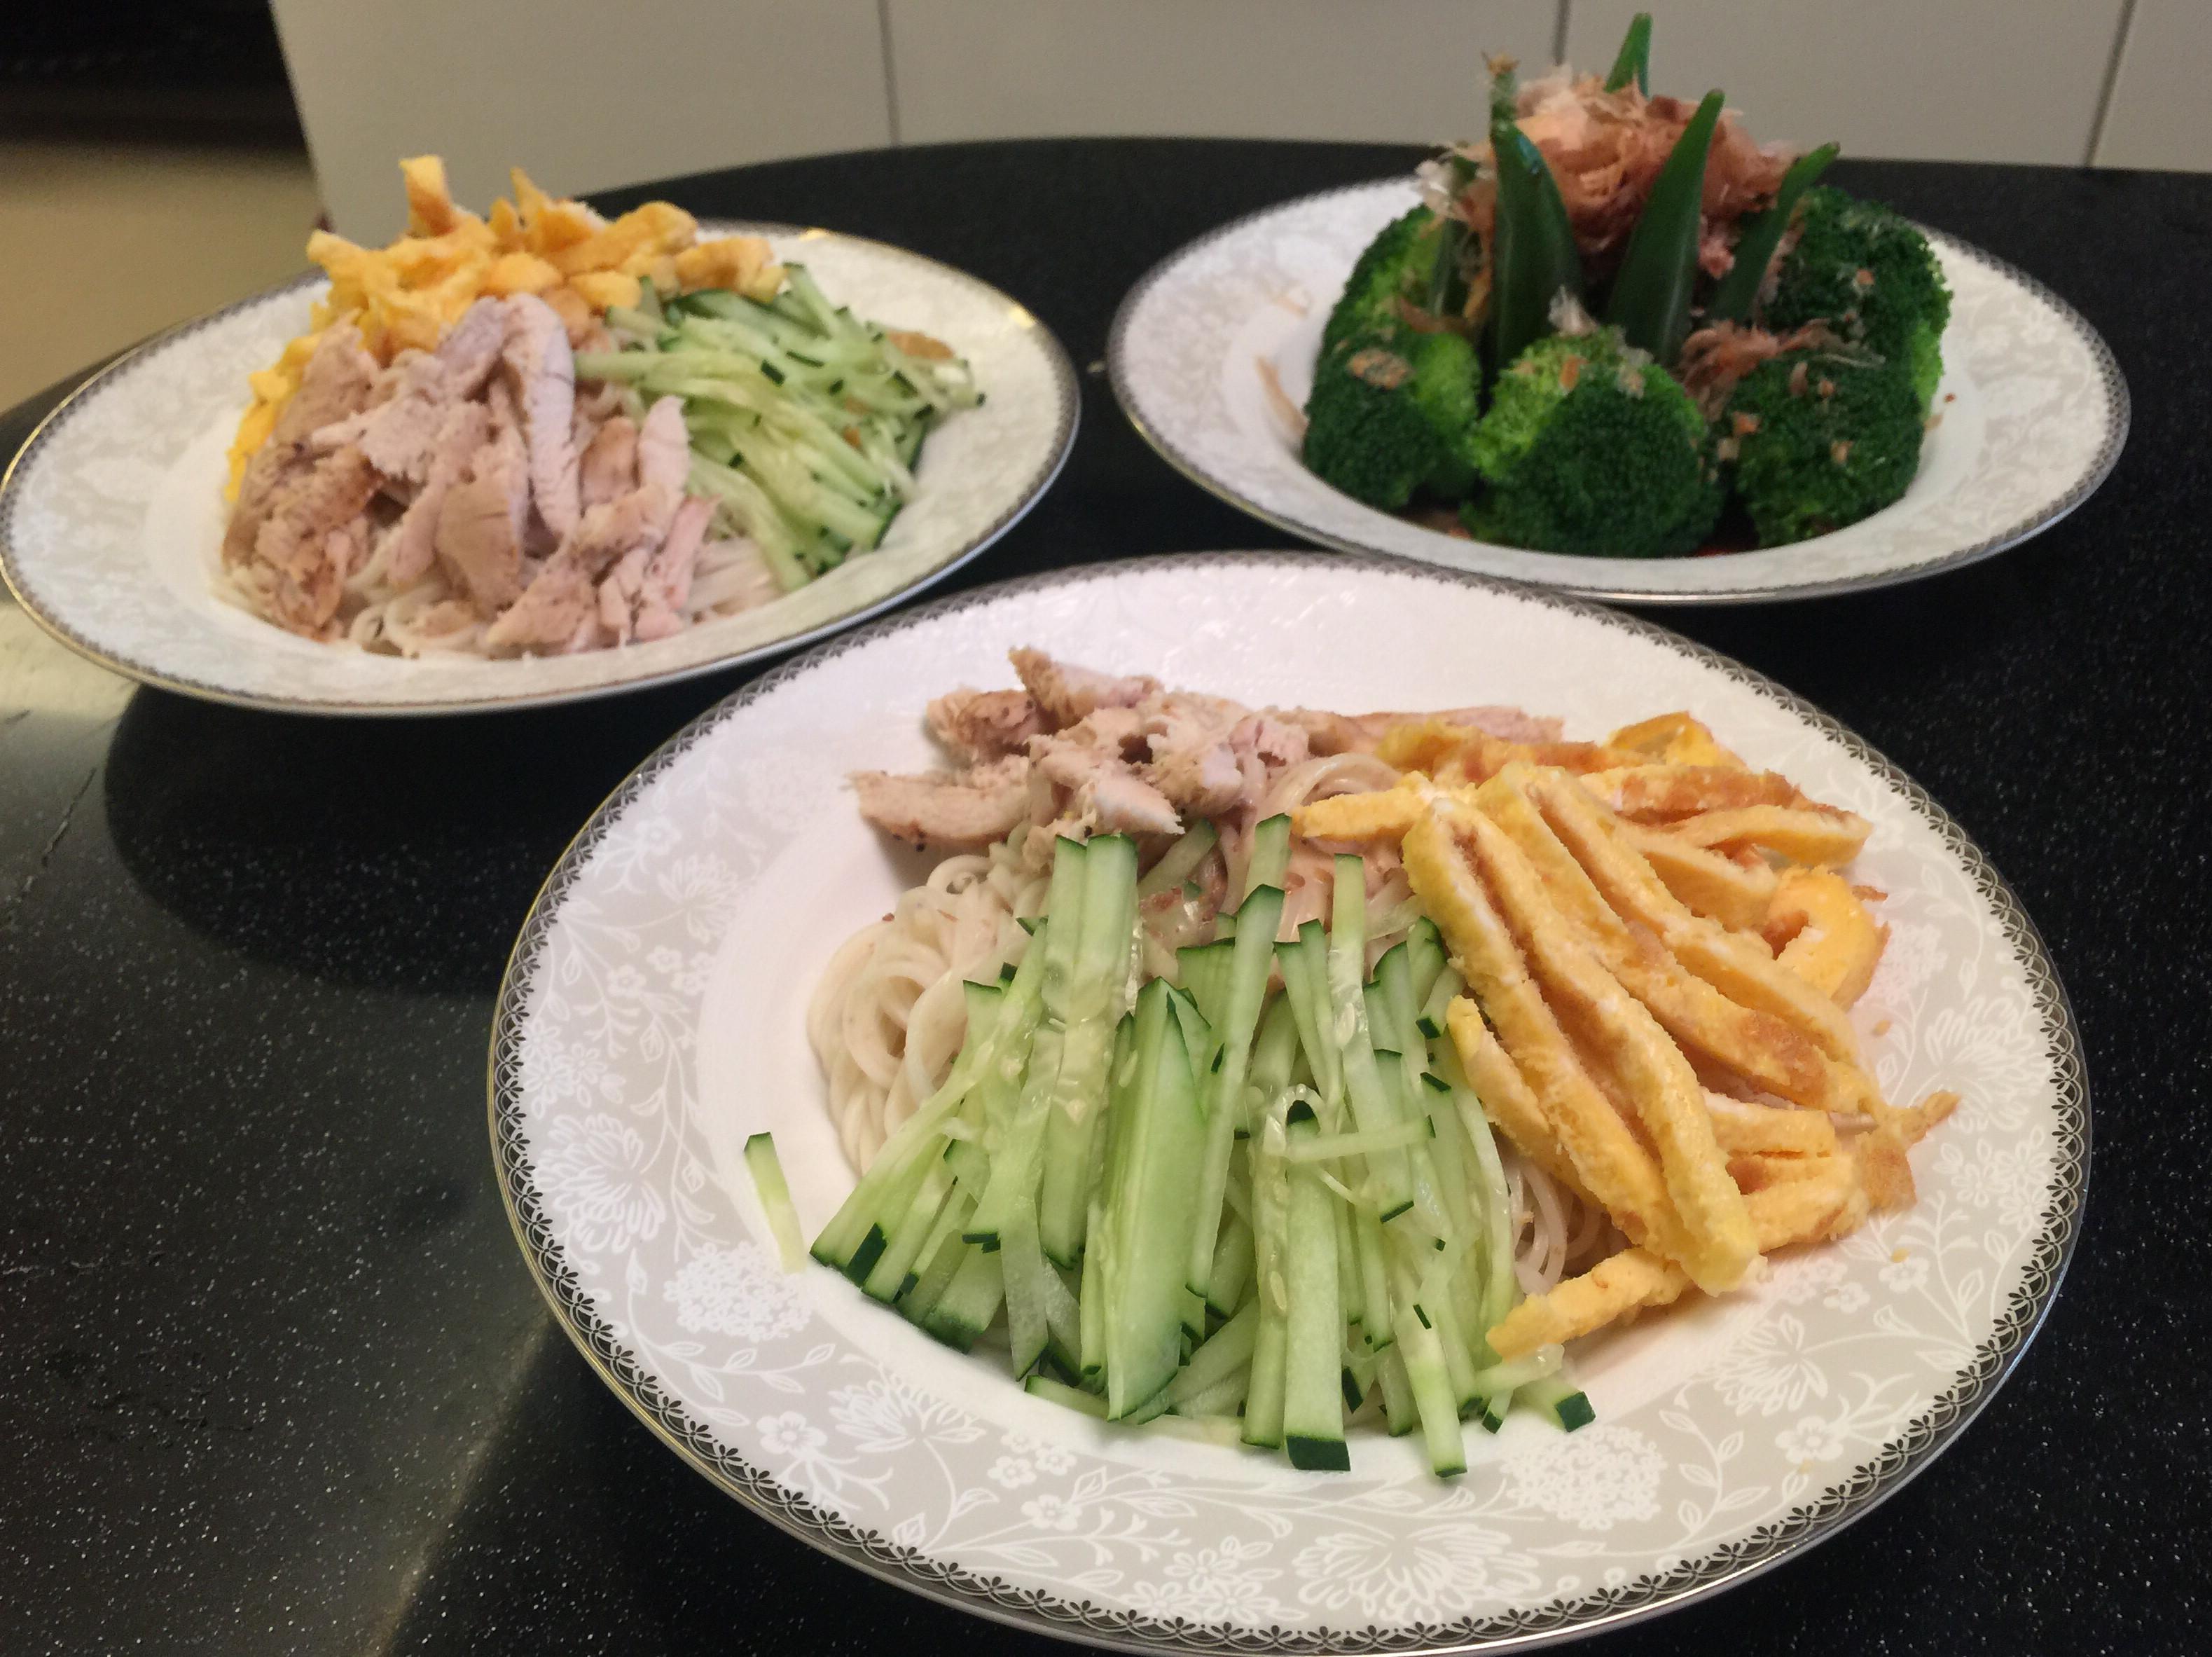 夏日清爽主食:日式胡麻檸檬雞涼麵